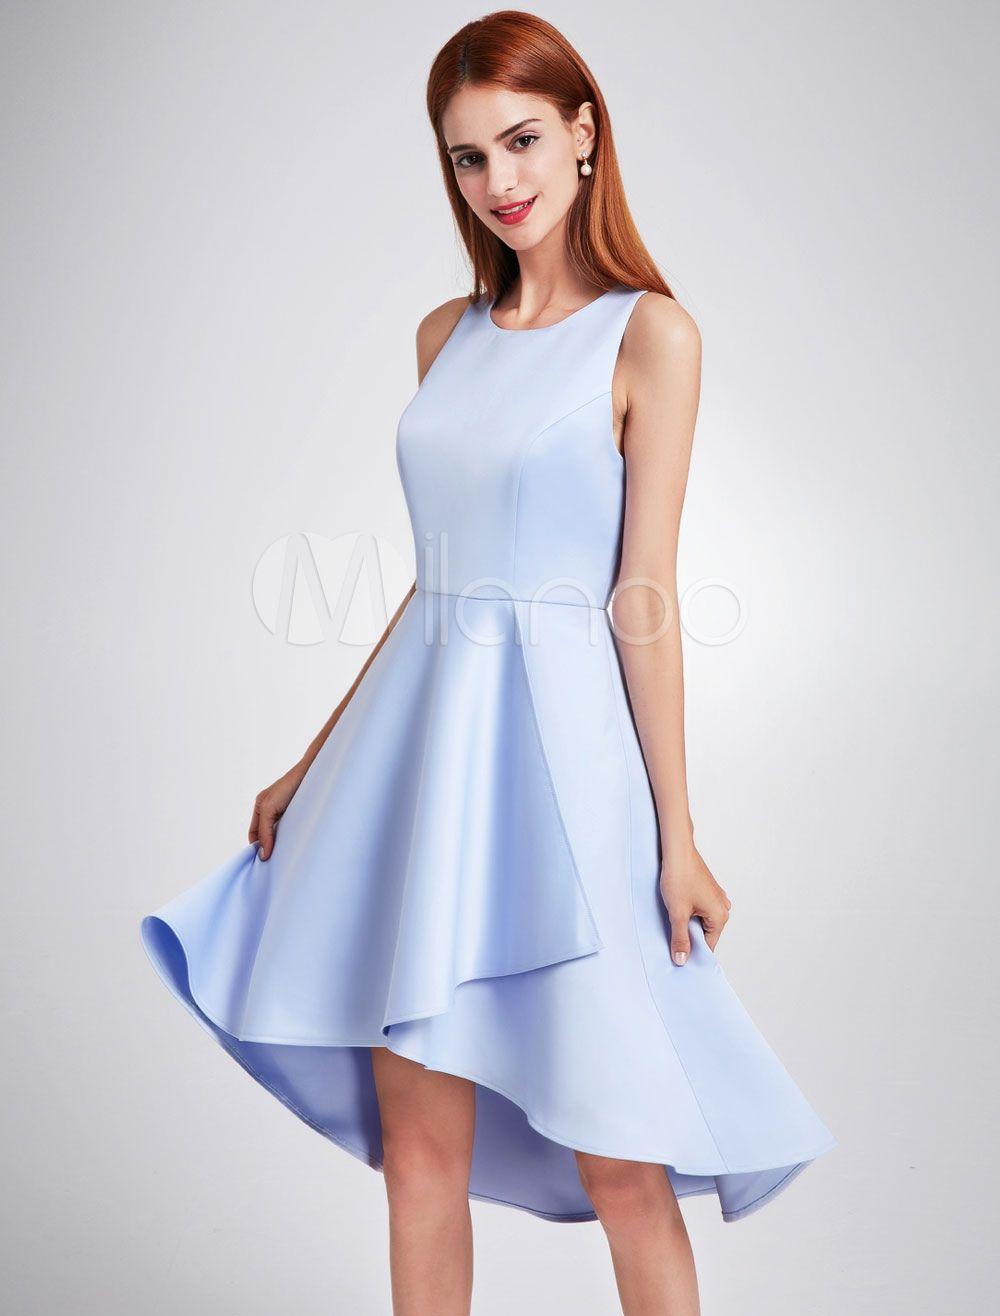 Kurze Brautjungfer Kleid Satingewebe mit Reißverschluss stufig und ...